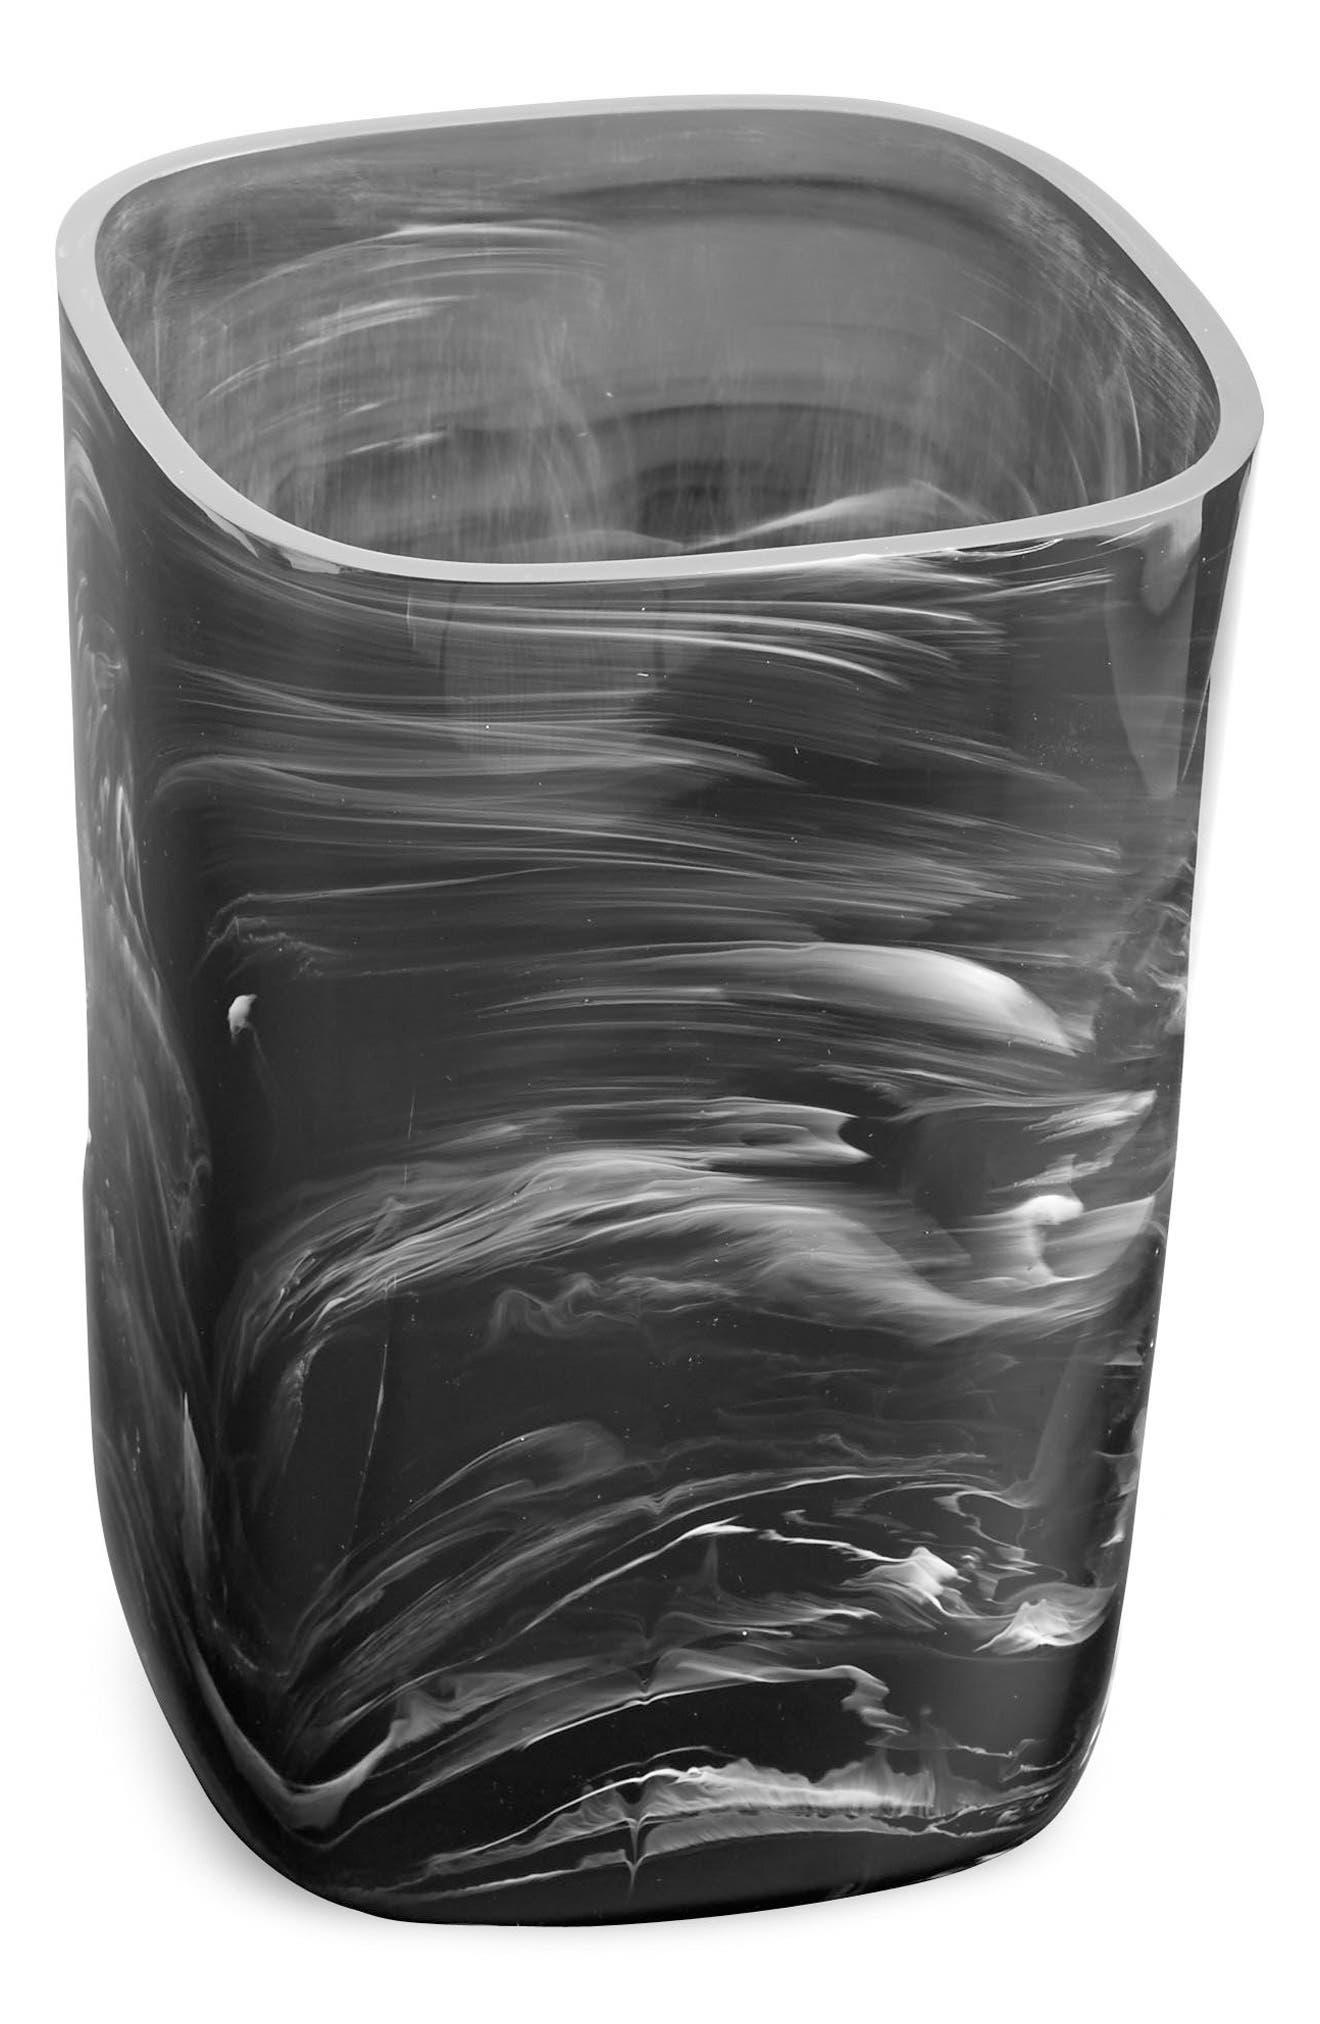 Main Image - Paradigm Trends Murano Wastebasket